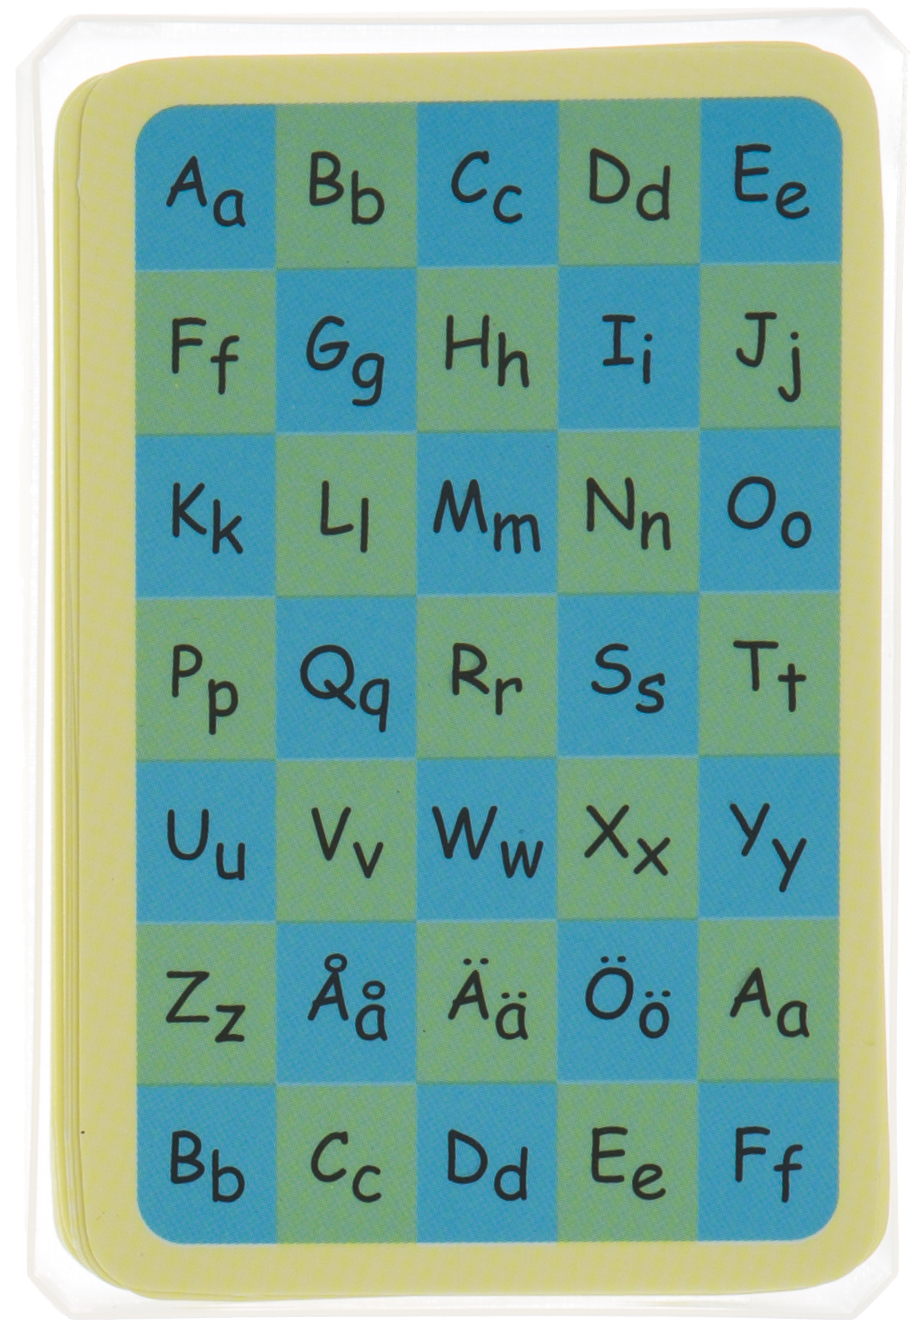 Kortlek- med svenskt alfabet.